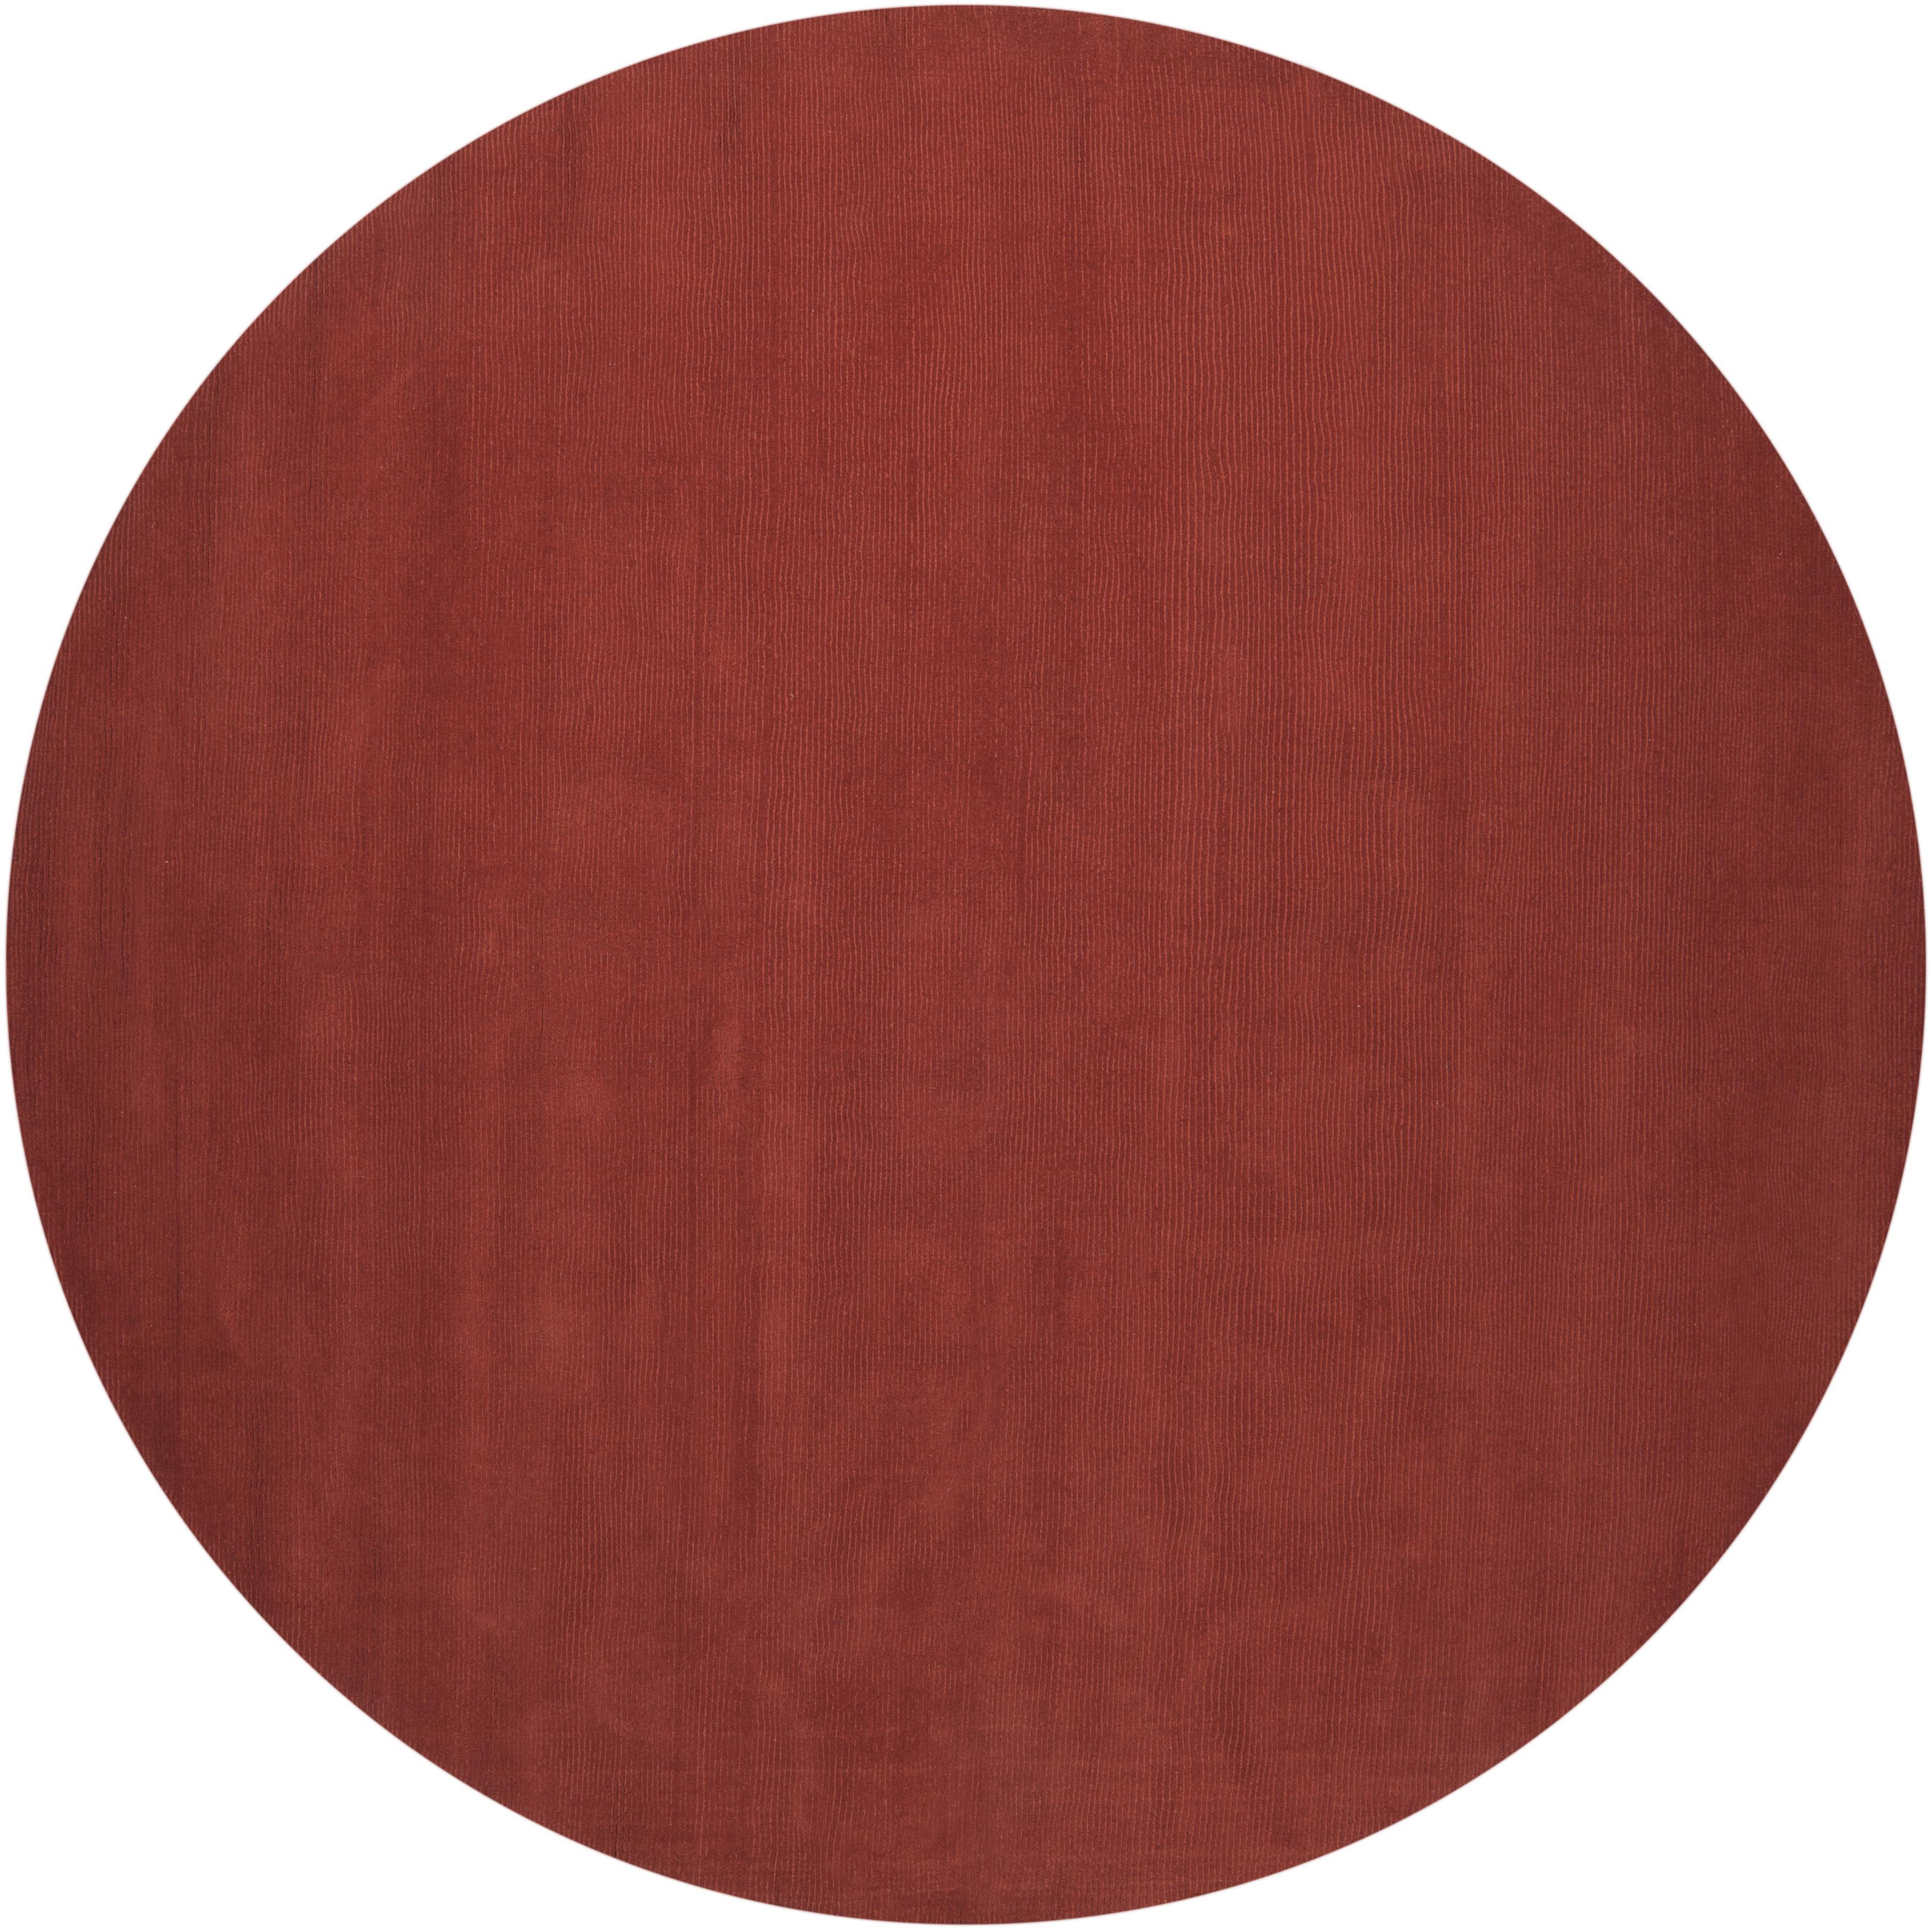 Surya Mystique 6' Round - Item Number: M332-6RD